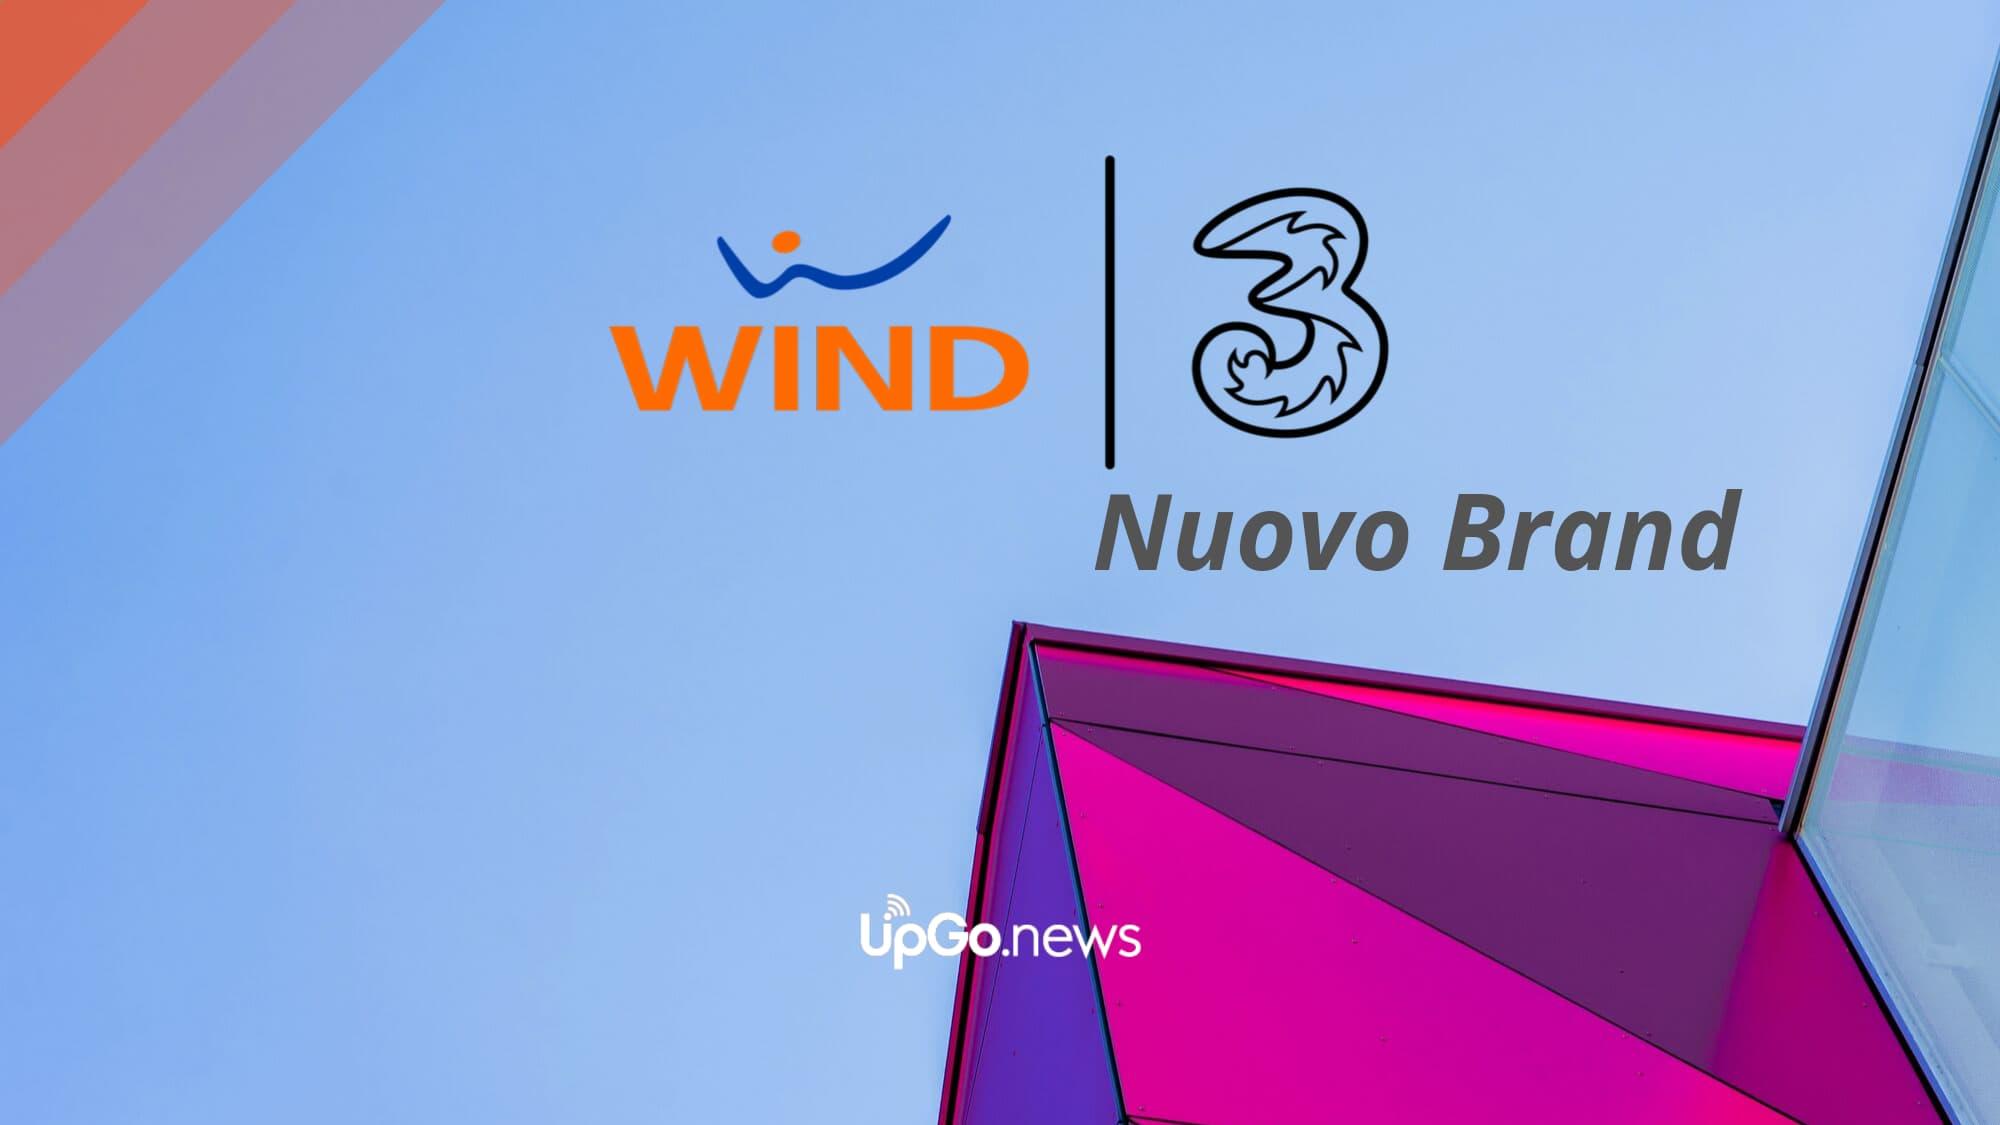 Wind 3 nuovo brand